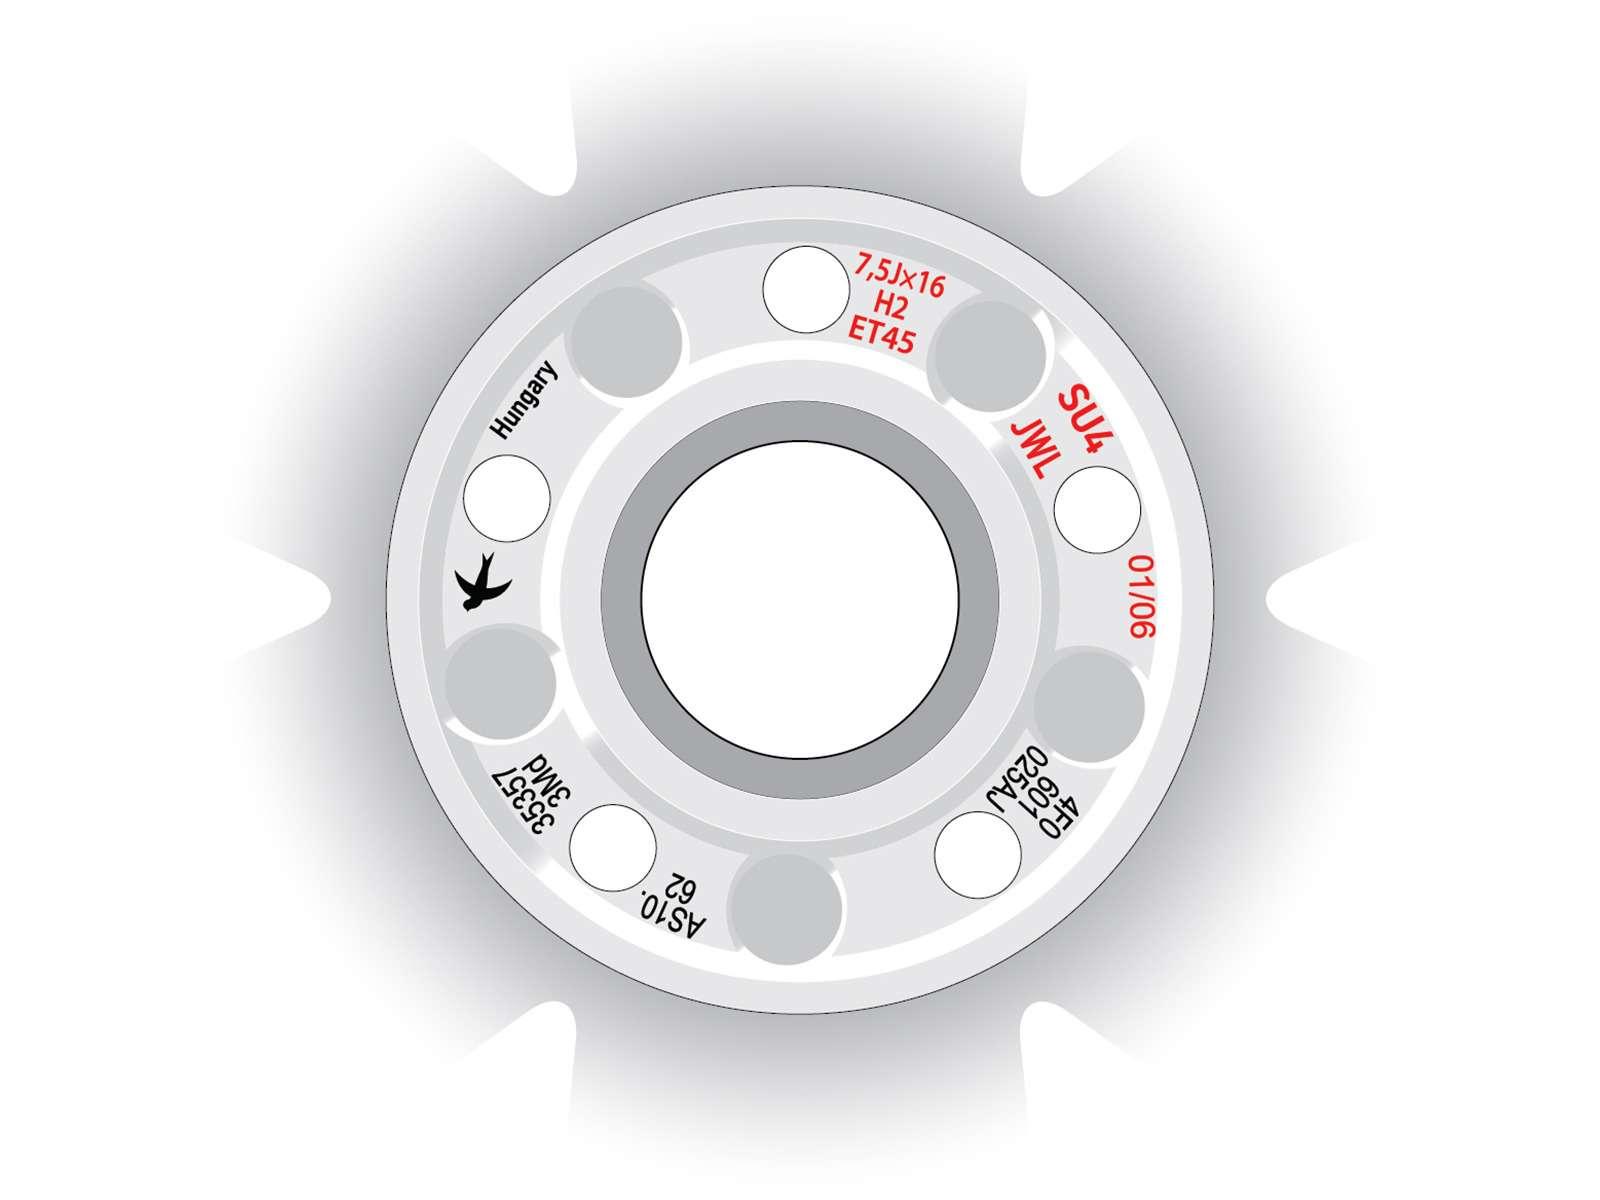 Расшифровка маркировки колесных дисков рекомендации